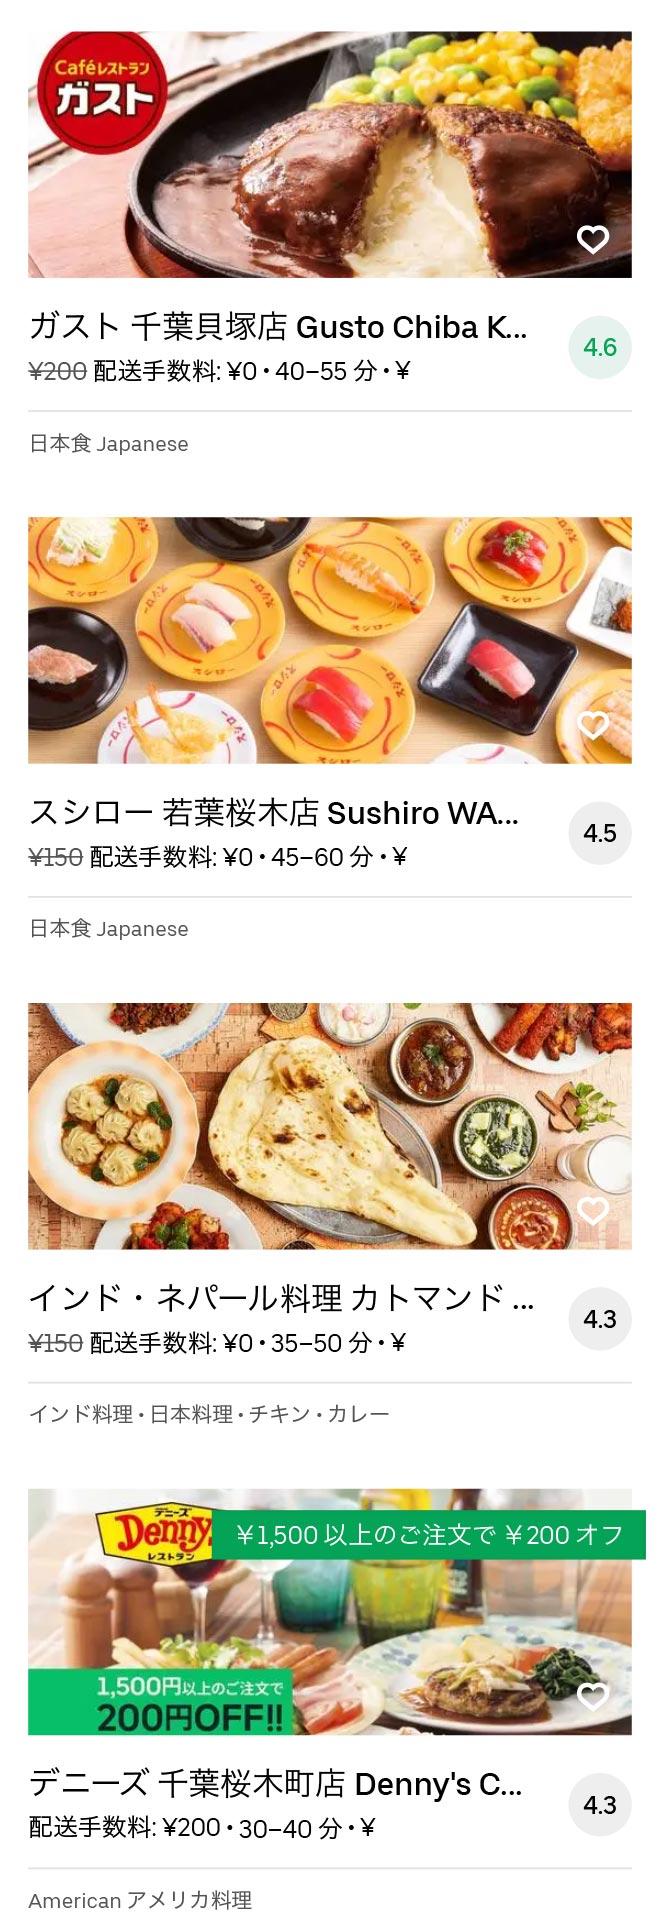 Tsuga menu 2010 03